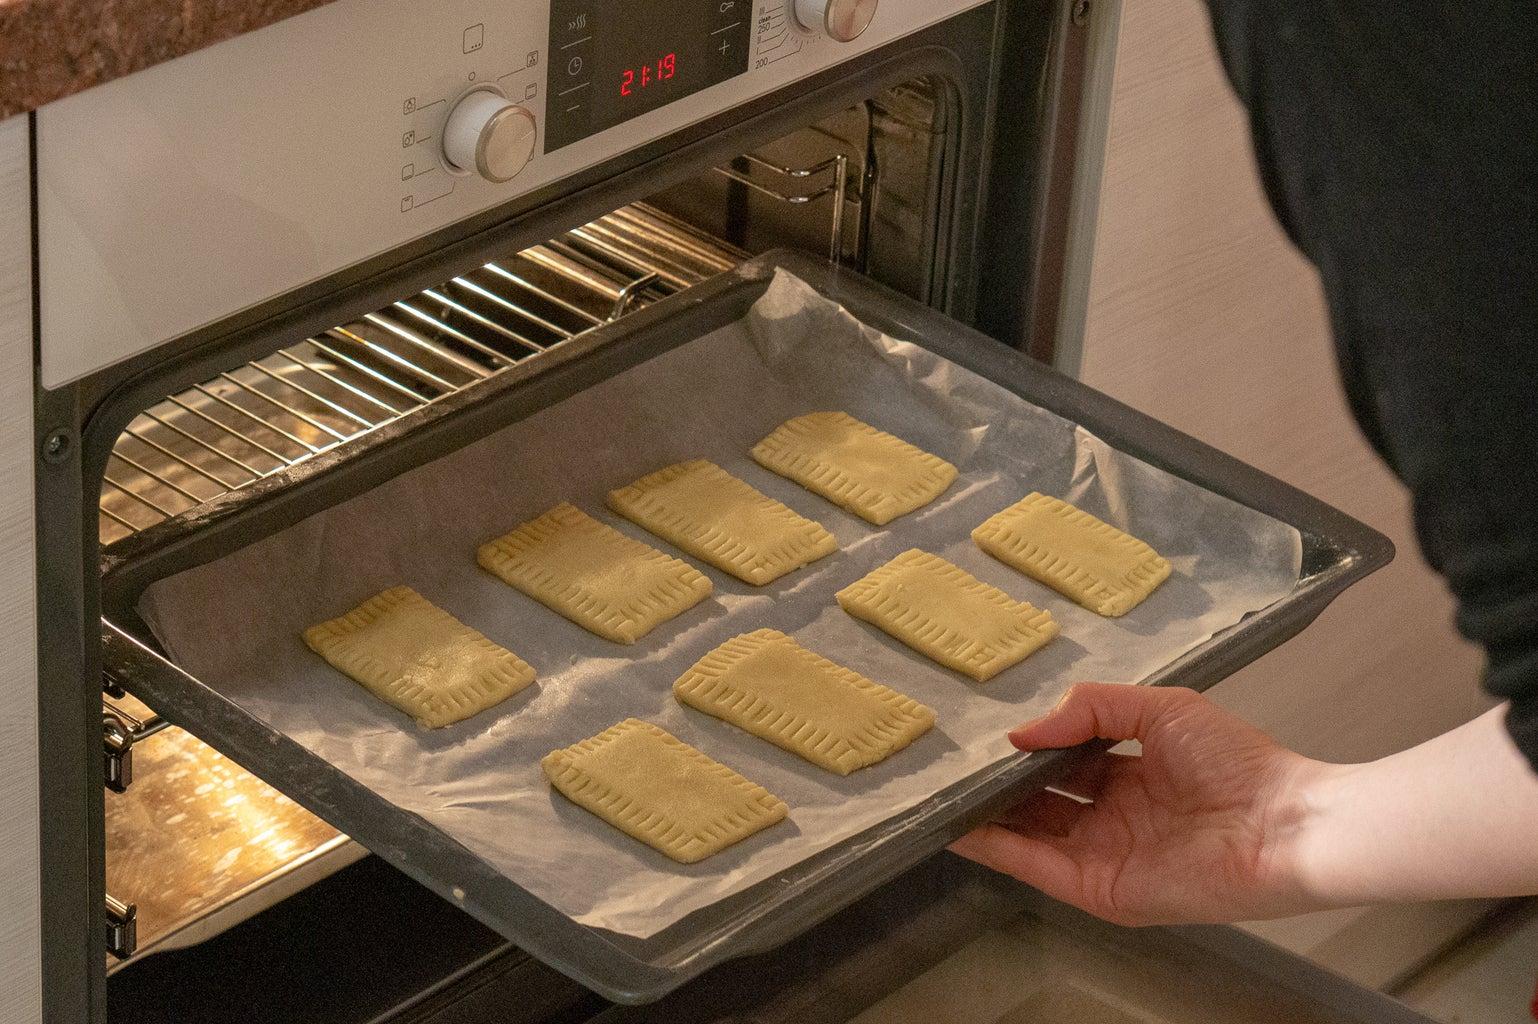 Bake at 180C (350F)